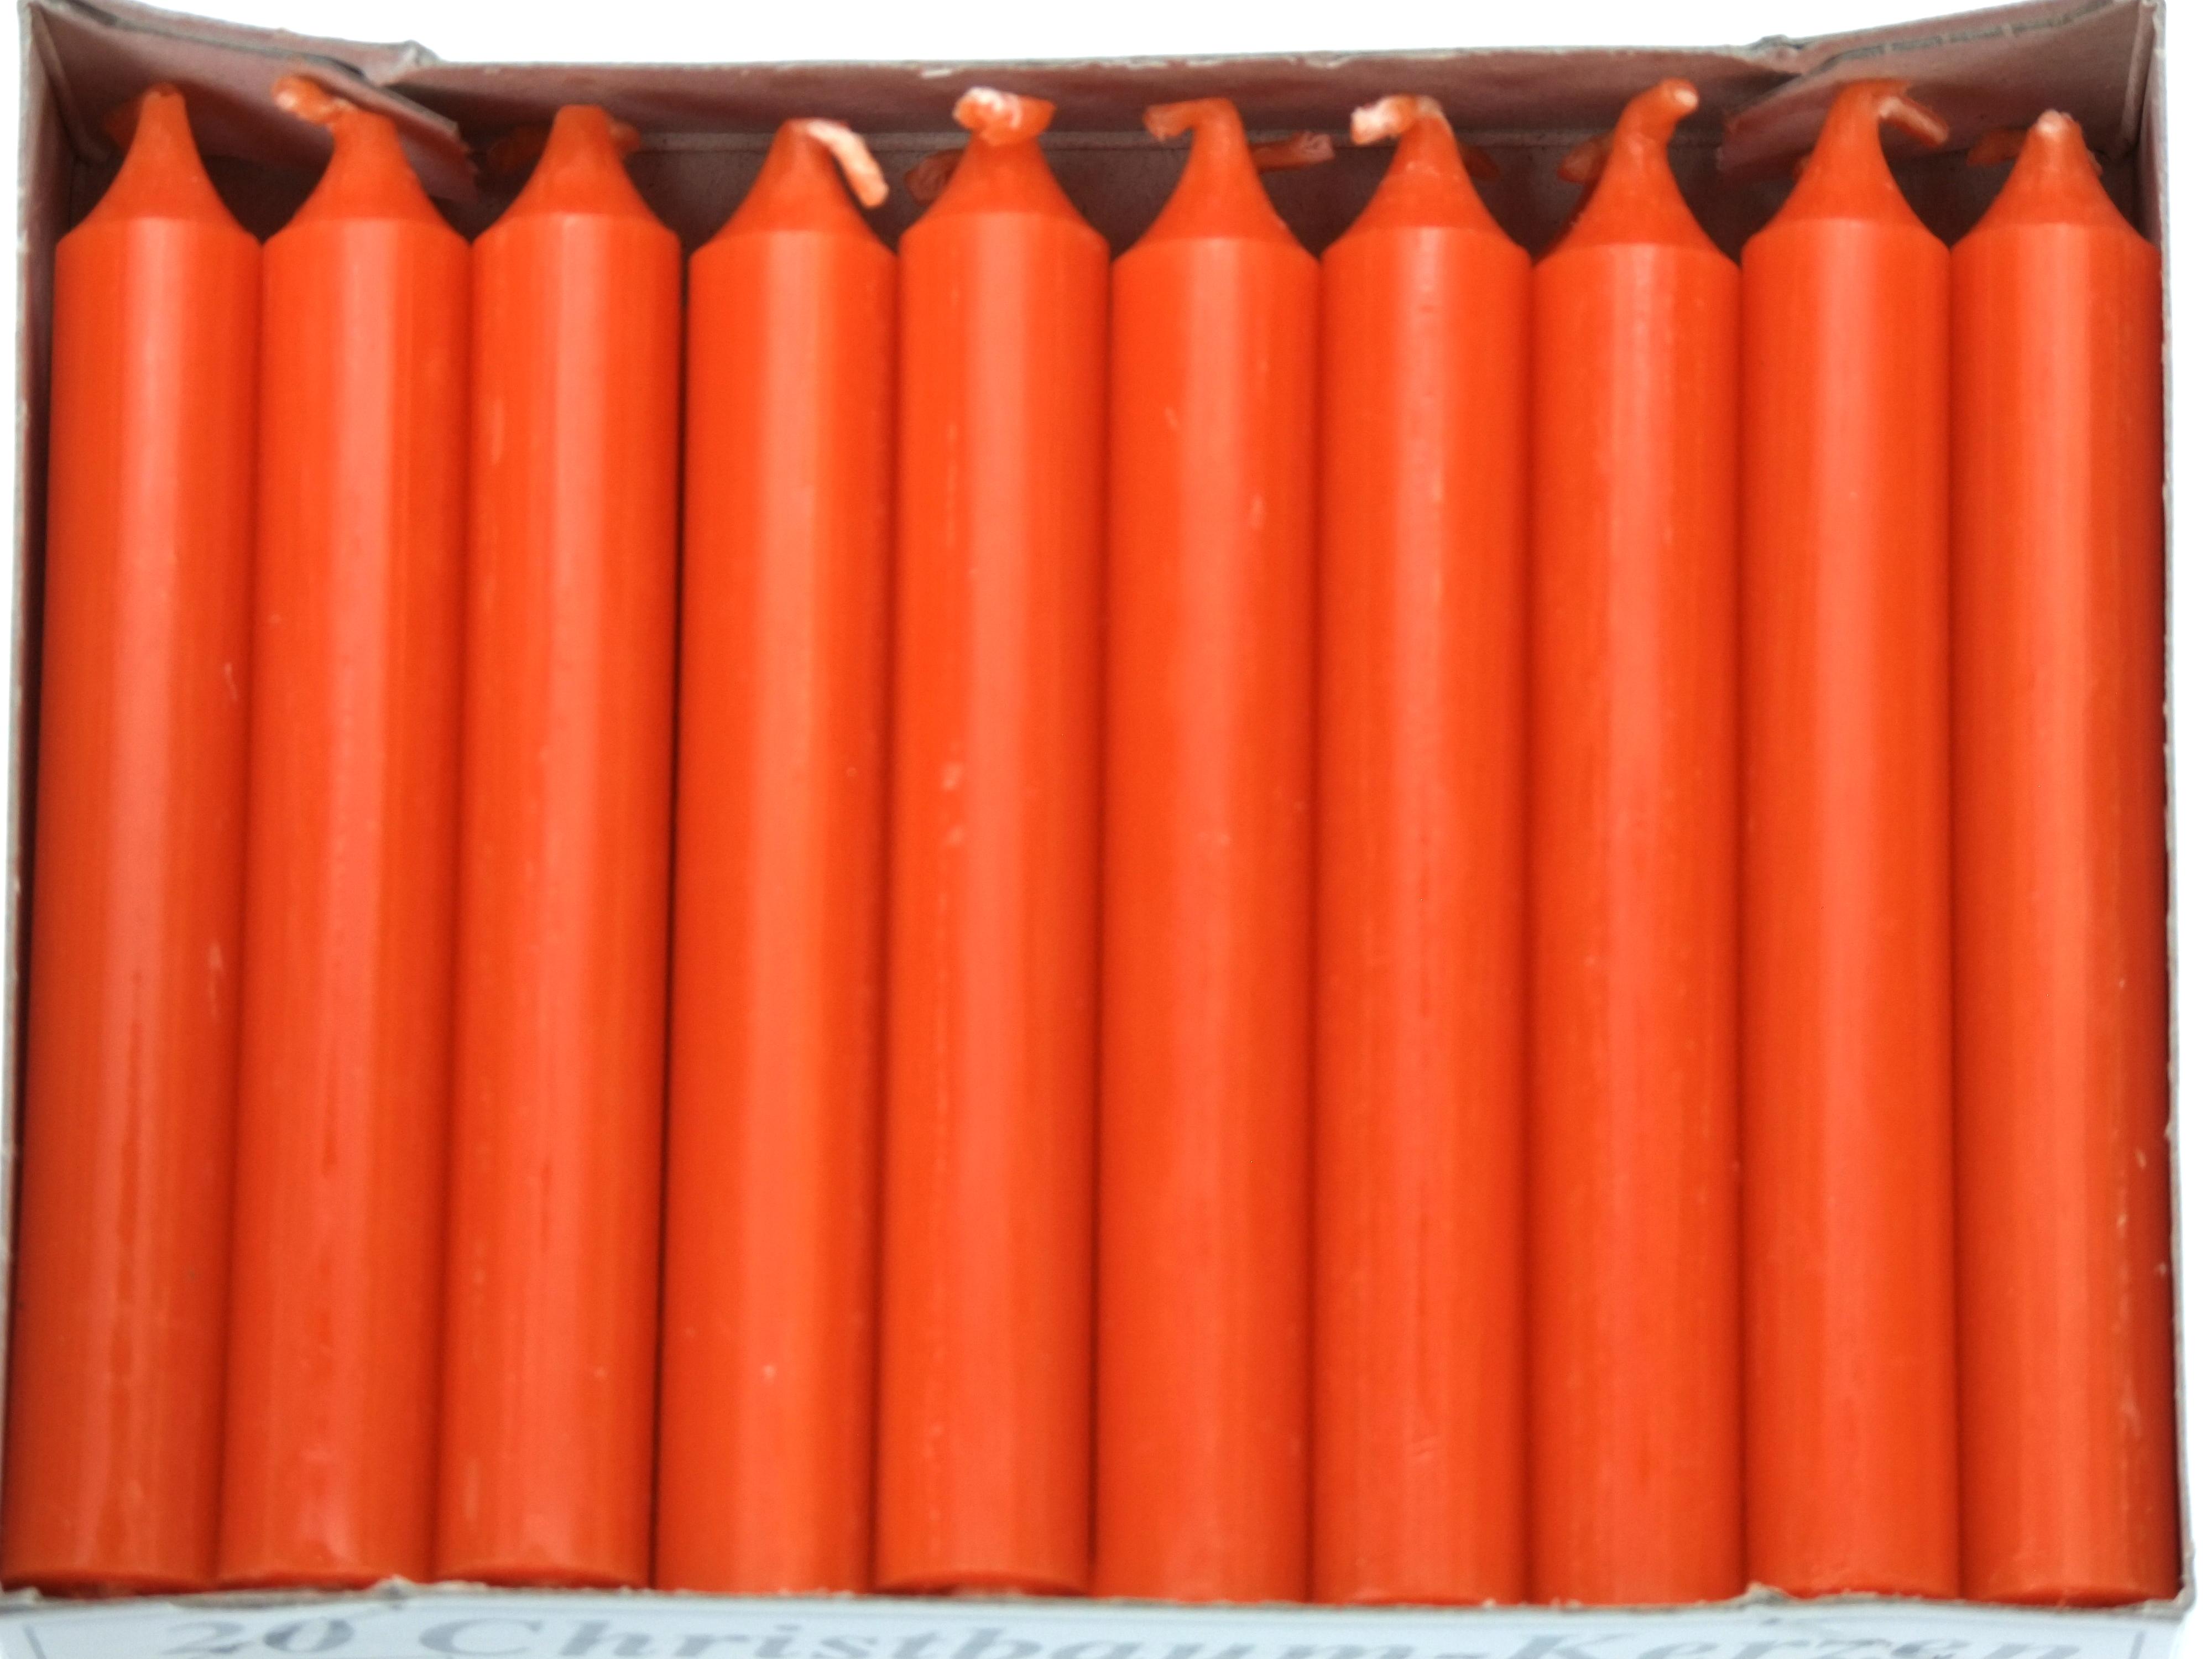 Kerze orange durchgefärbt